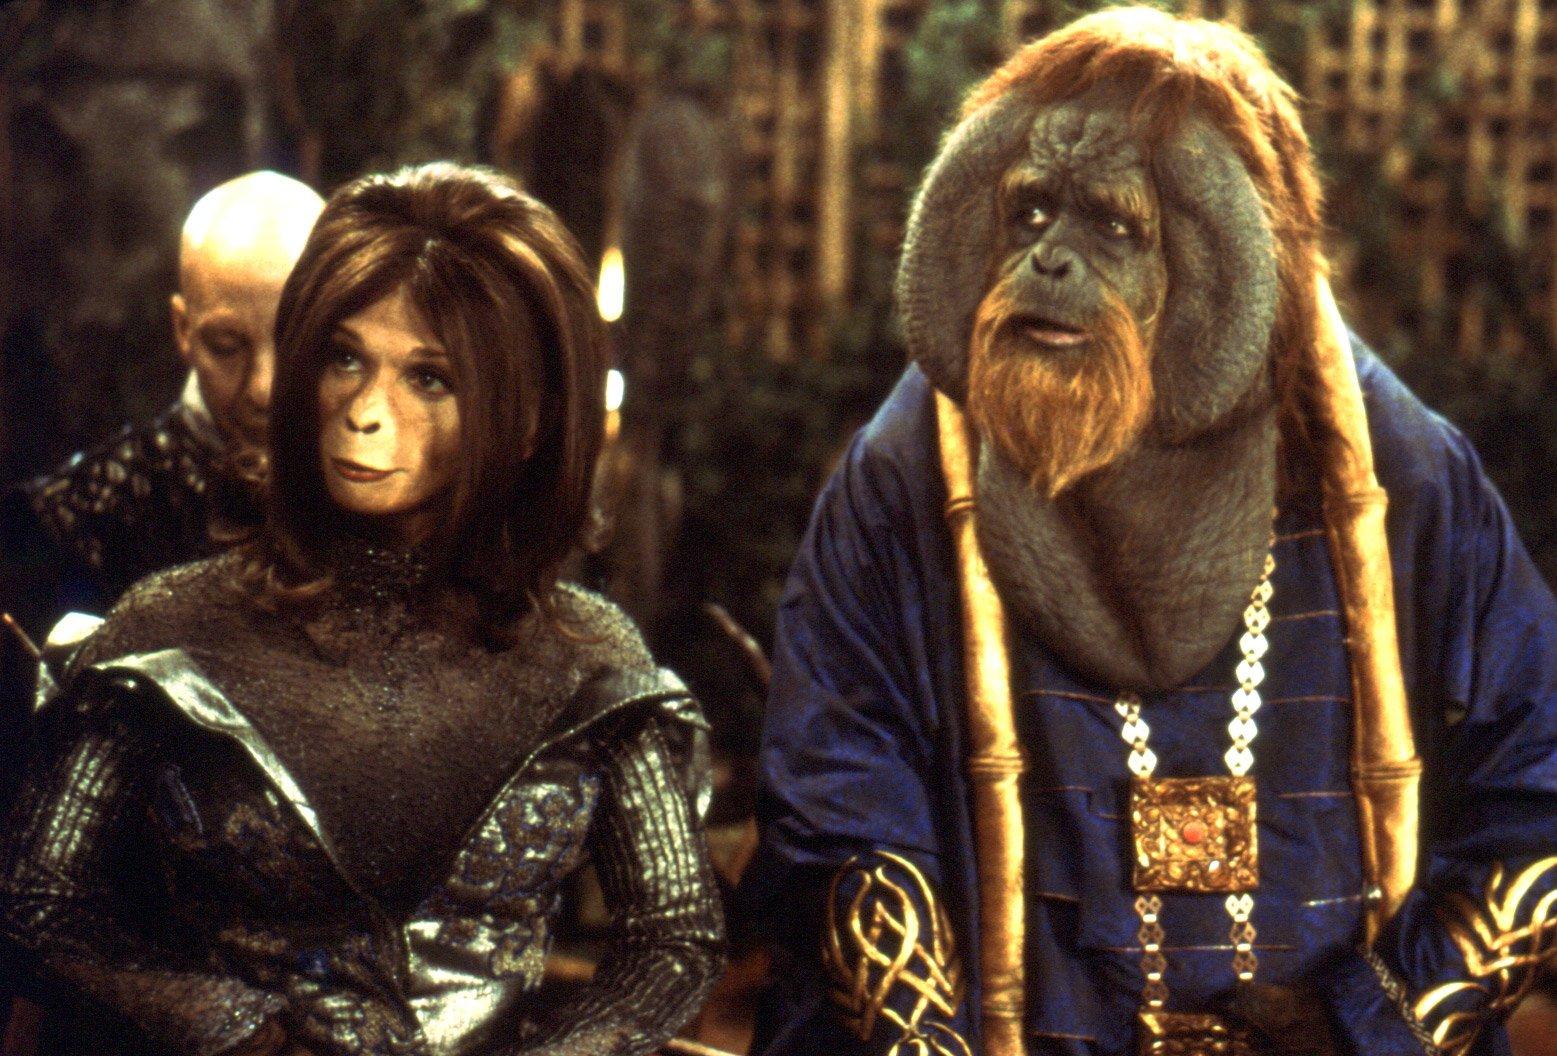 disgusting men планета обезьян гид по планете обезьян виктор зуев петр сальников отвратительные мужики подкаст про игры побег с планеты обезьян завоевание планеты обезьян битва за планету обезьян тейлор суд